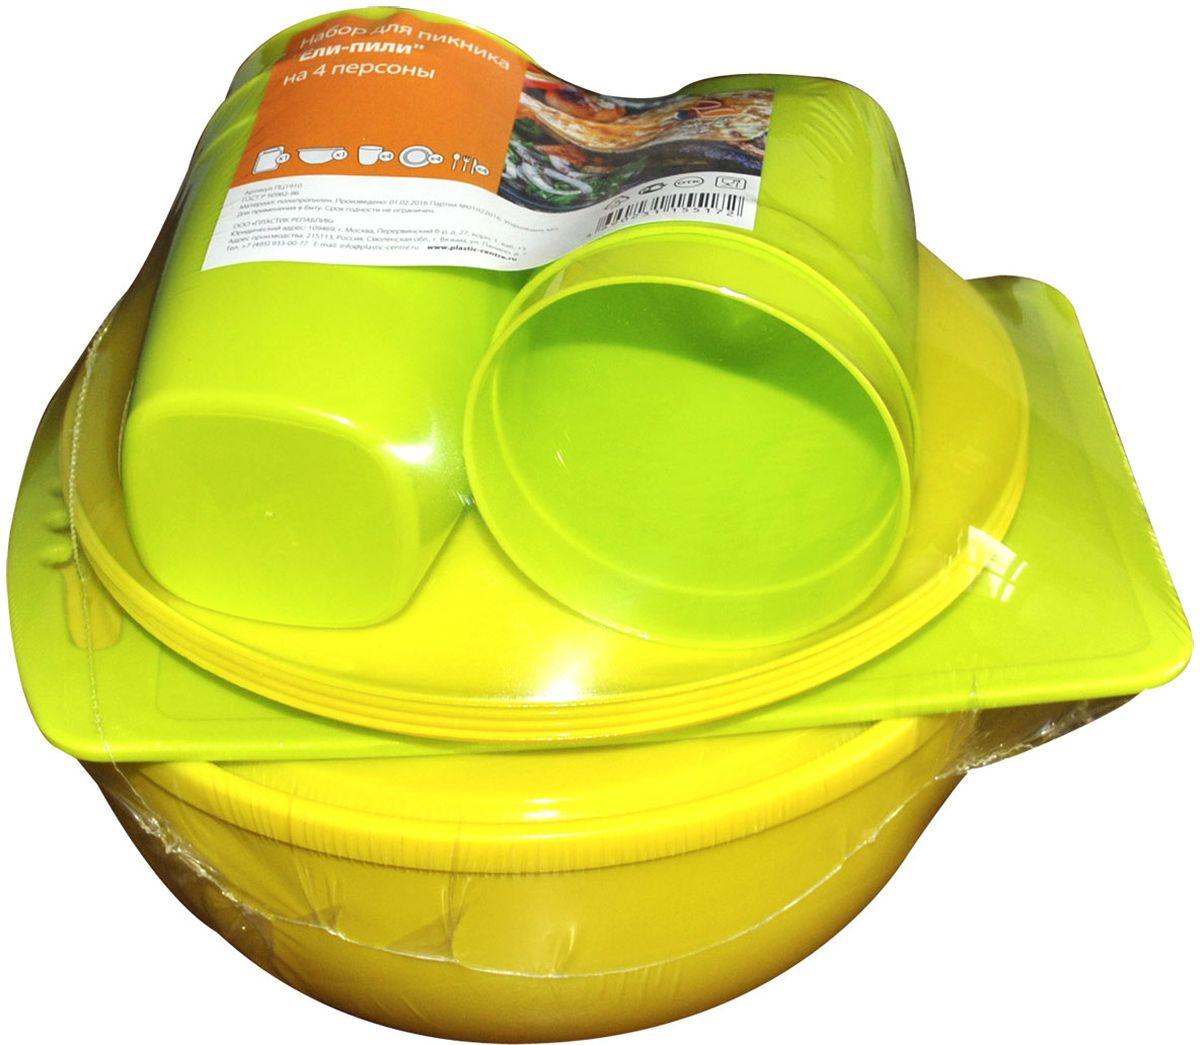 Набор для пикника Plastic Centre Ели-пили, на 4 персоныПЦ1910МИКСНабор прекрасно подойдет для организации пикника на природе на 4 человека. Разделочная доска пригодится для резки овощей и зелени. В объемную миску с крышкой хорошо сложить приготовленный шашлык, а столовых приборов, стаканов и маленьких салатников хватит на целую компанию. Легкий и прочный пластик подходит для многократного использования.В набор входят: глубокая миска с крышкой, разделочная доска, 4 ложки, 4 вилки, 4 ножа, 4 тарелки, 4 стакана.